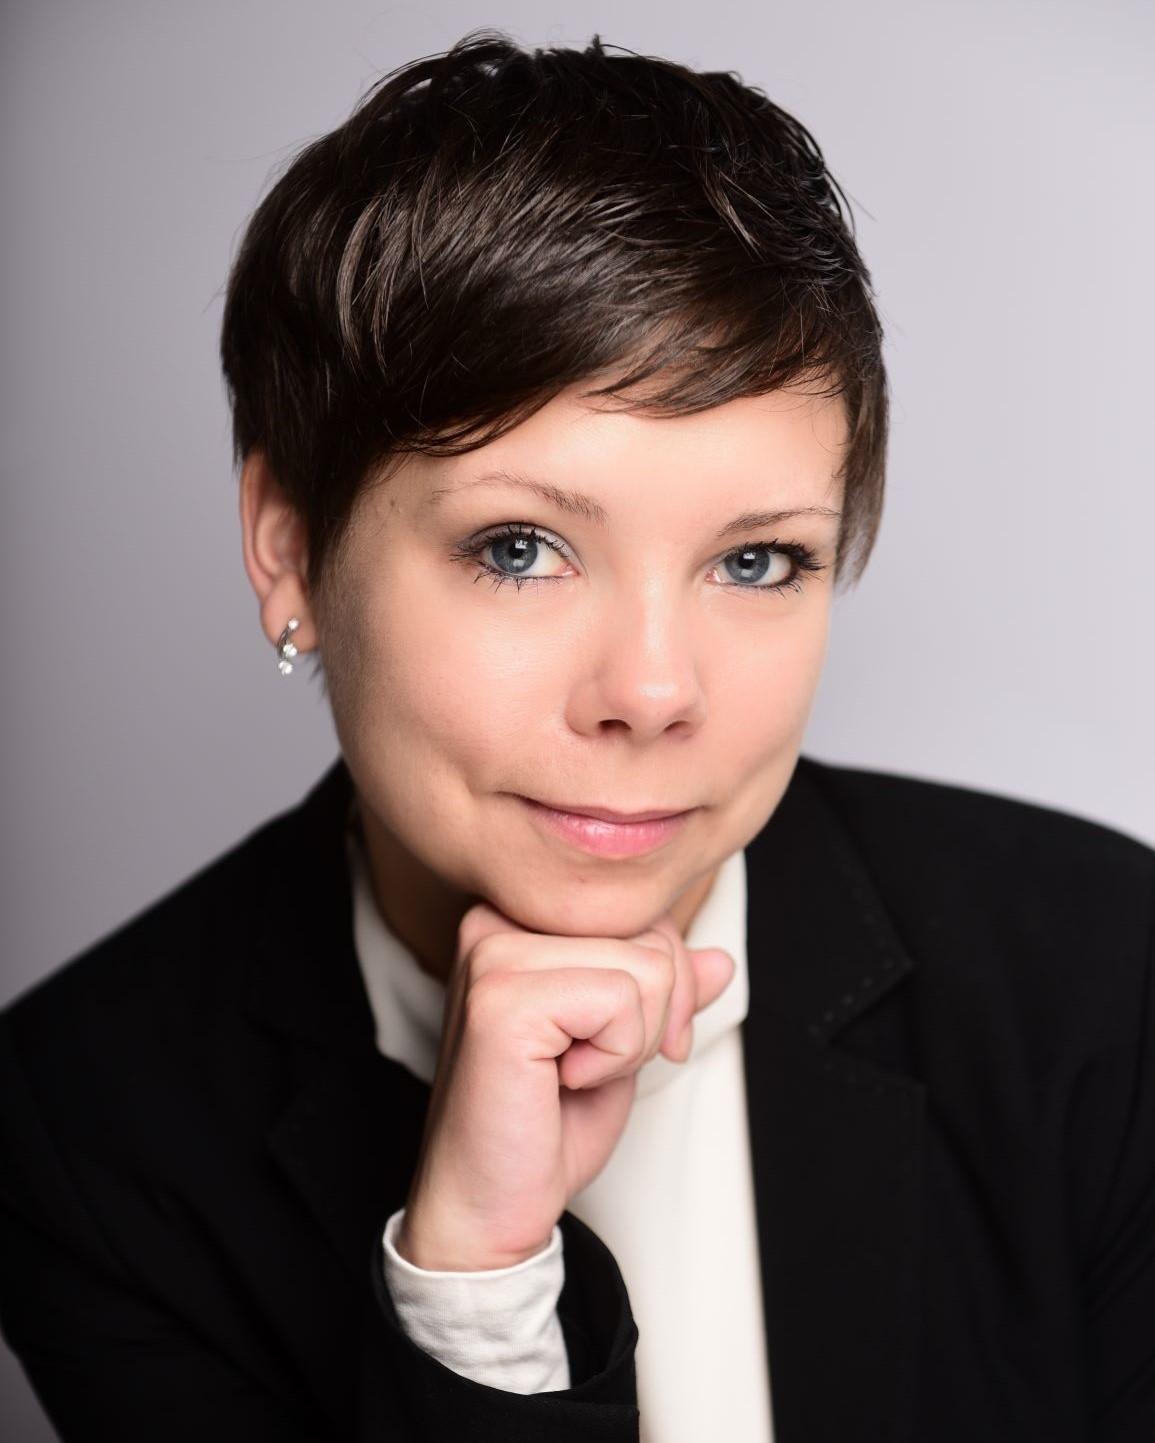 M. A. Sarah Jasiok